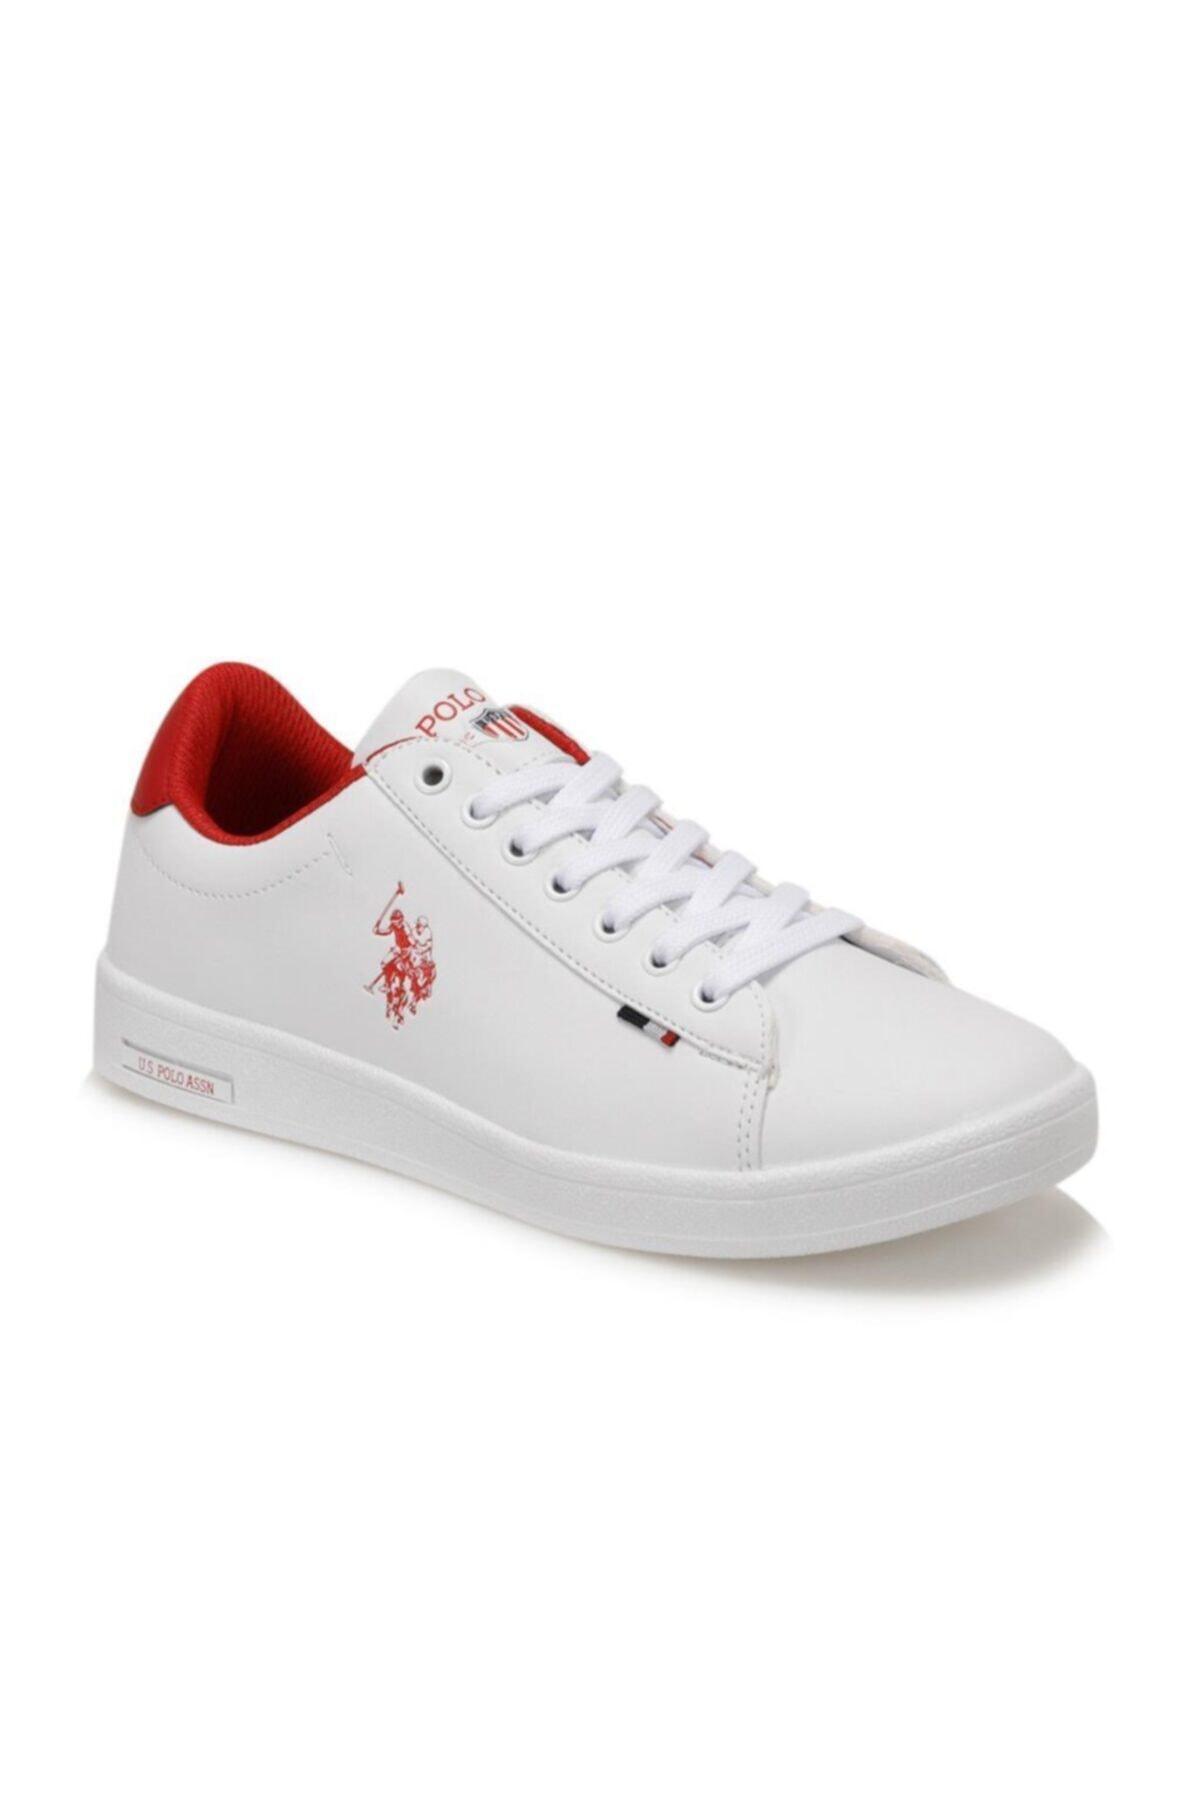 U.S. Polo Assn. FRANCO DHM Beyaz  Sneaker Ayakkabı 100548973 1